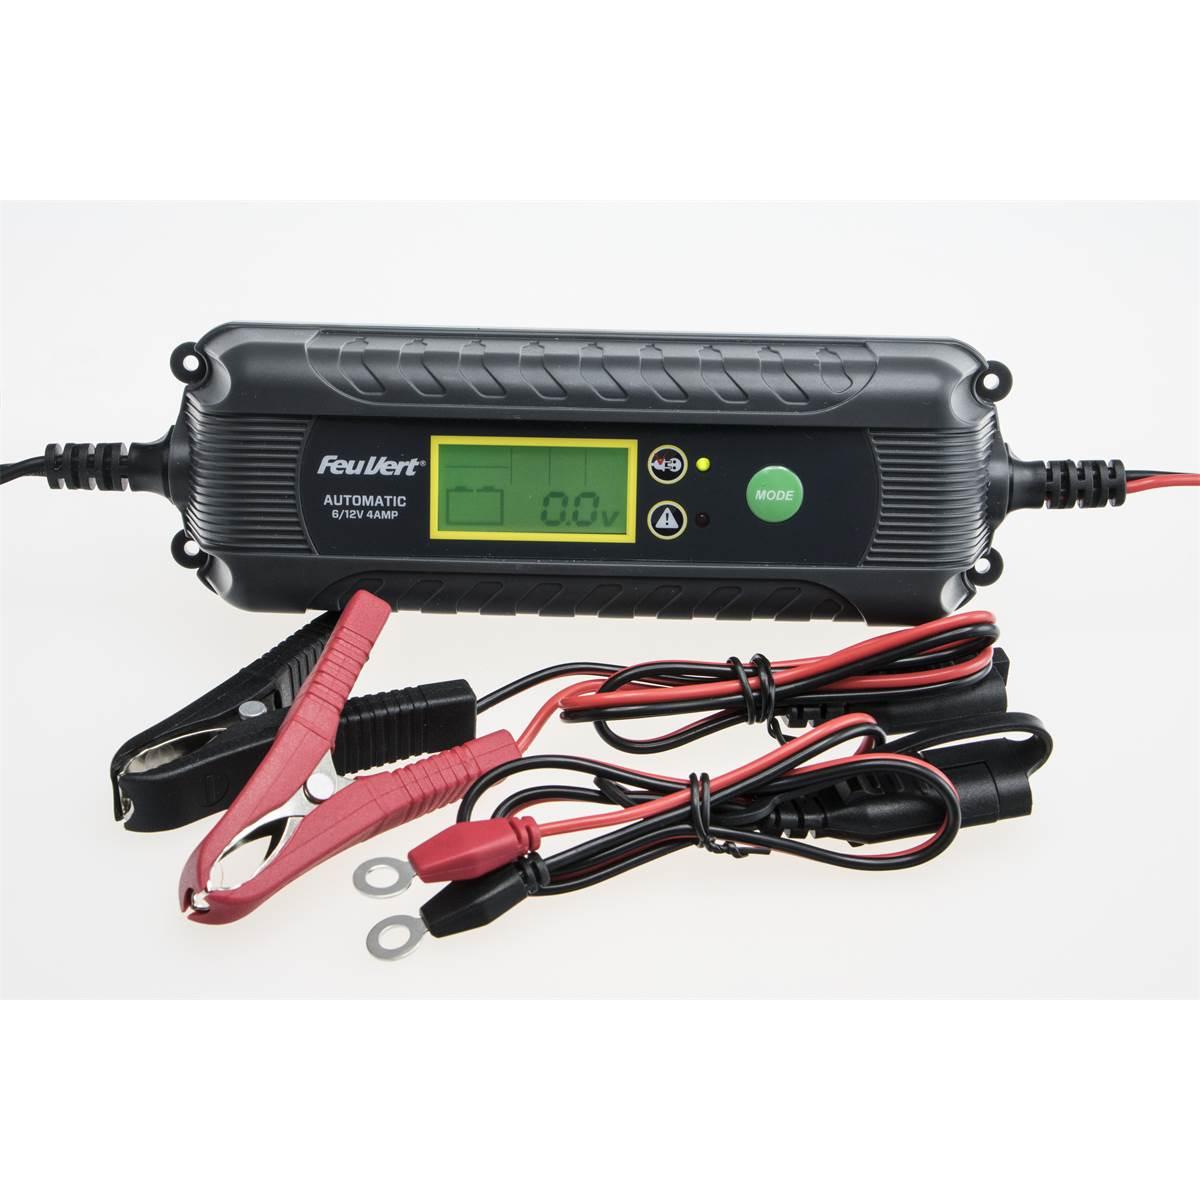 Chargeur Batterie voiture automatique Feu Vert - 4A